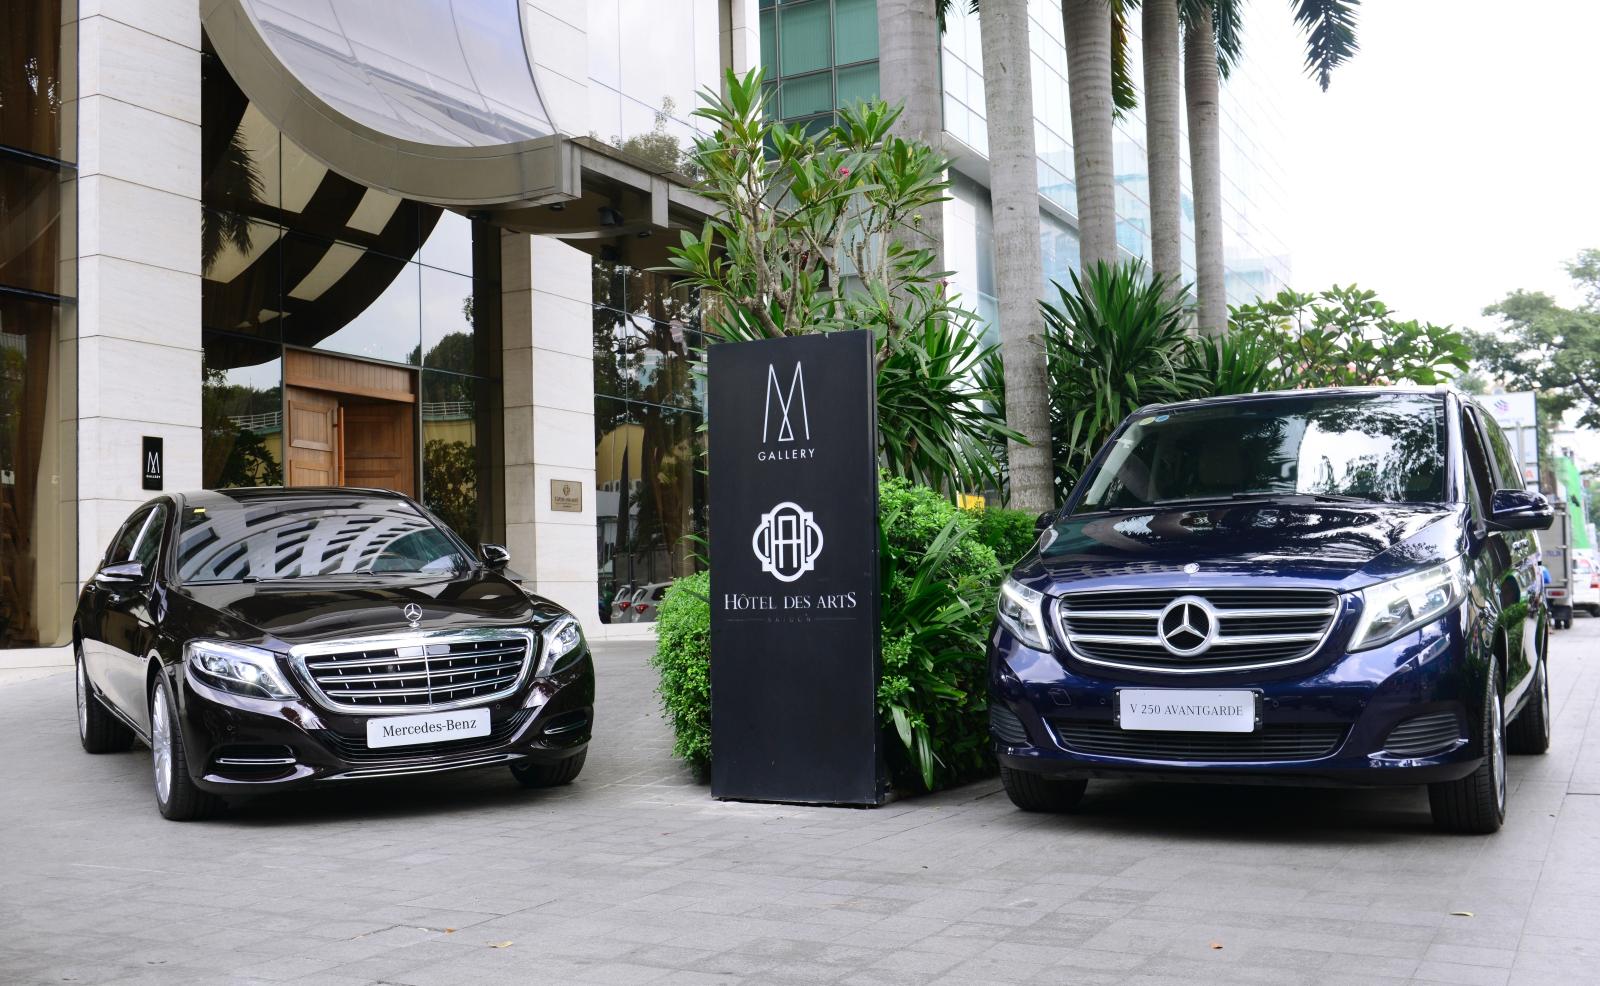 Mercedes-giao-xe-7-cho-an-toan-5-sao-cho-khach-dai-gia-Sai-Gon-anh-4